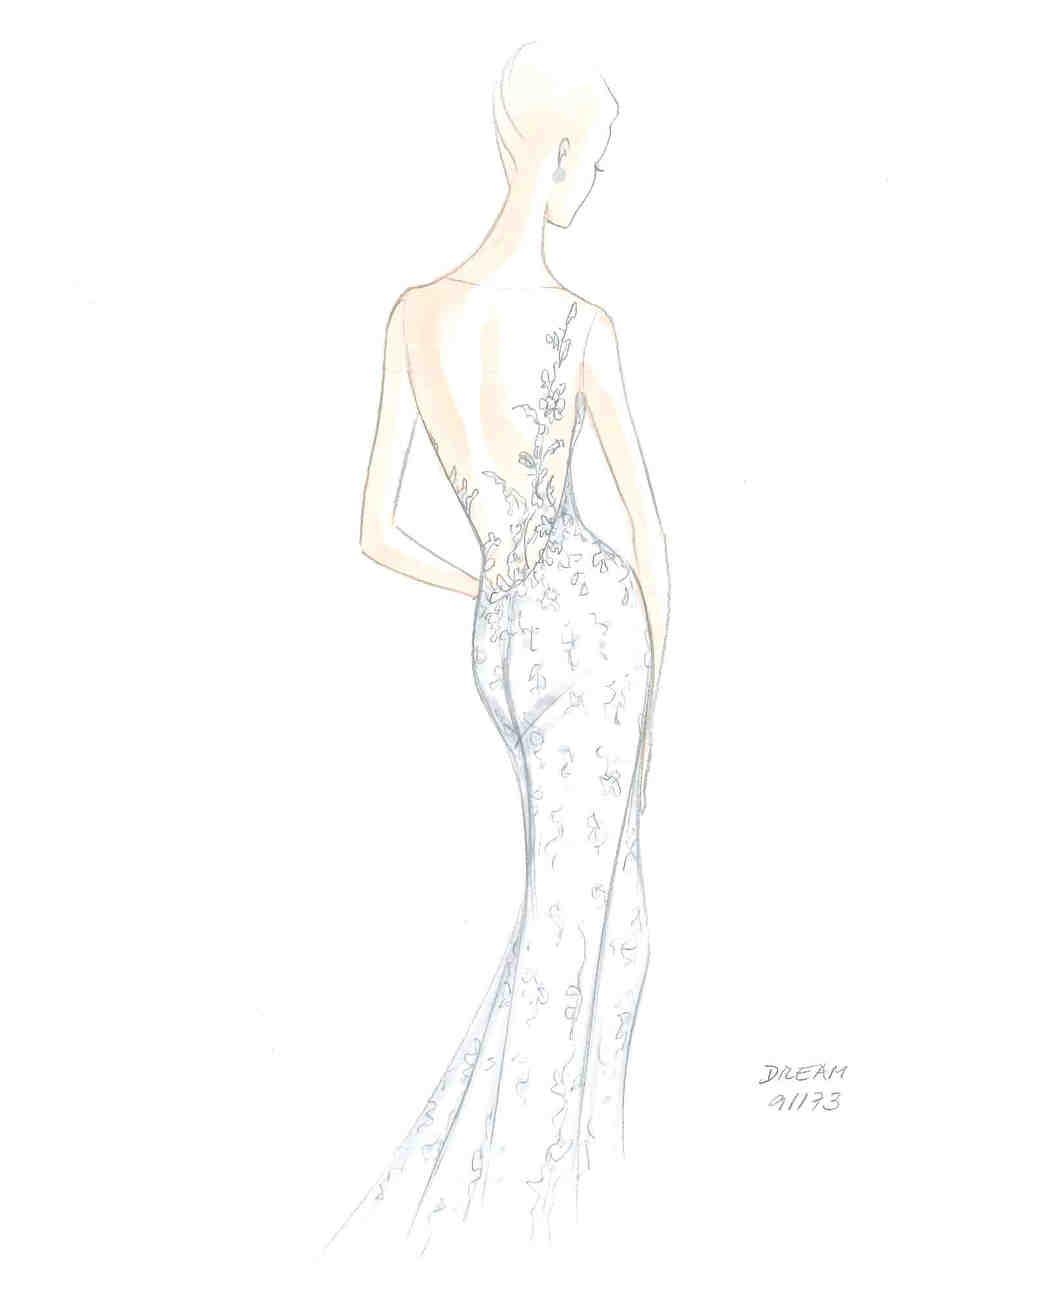 sofia-vergara-dress-sketches-rosa-clara-dream-0915.jpg